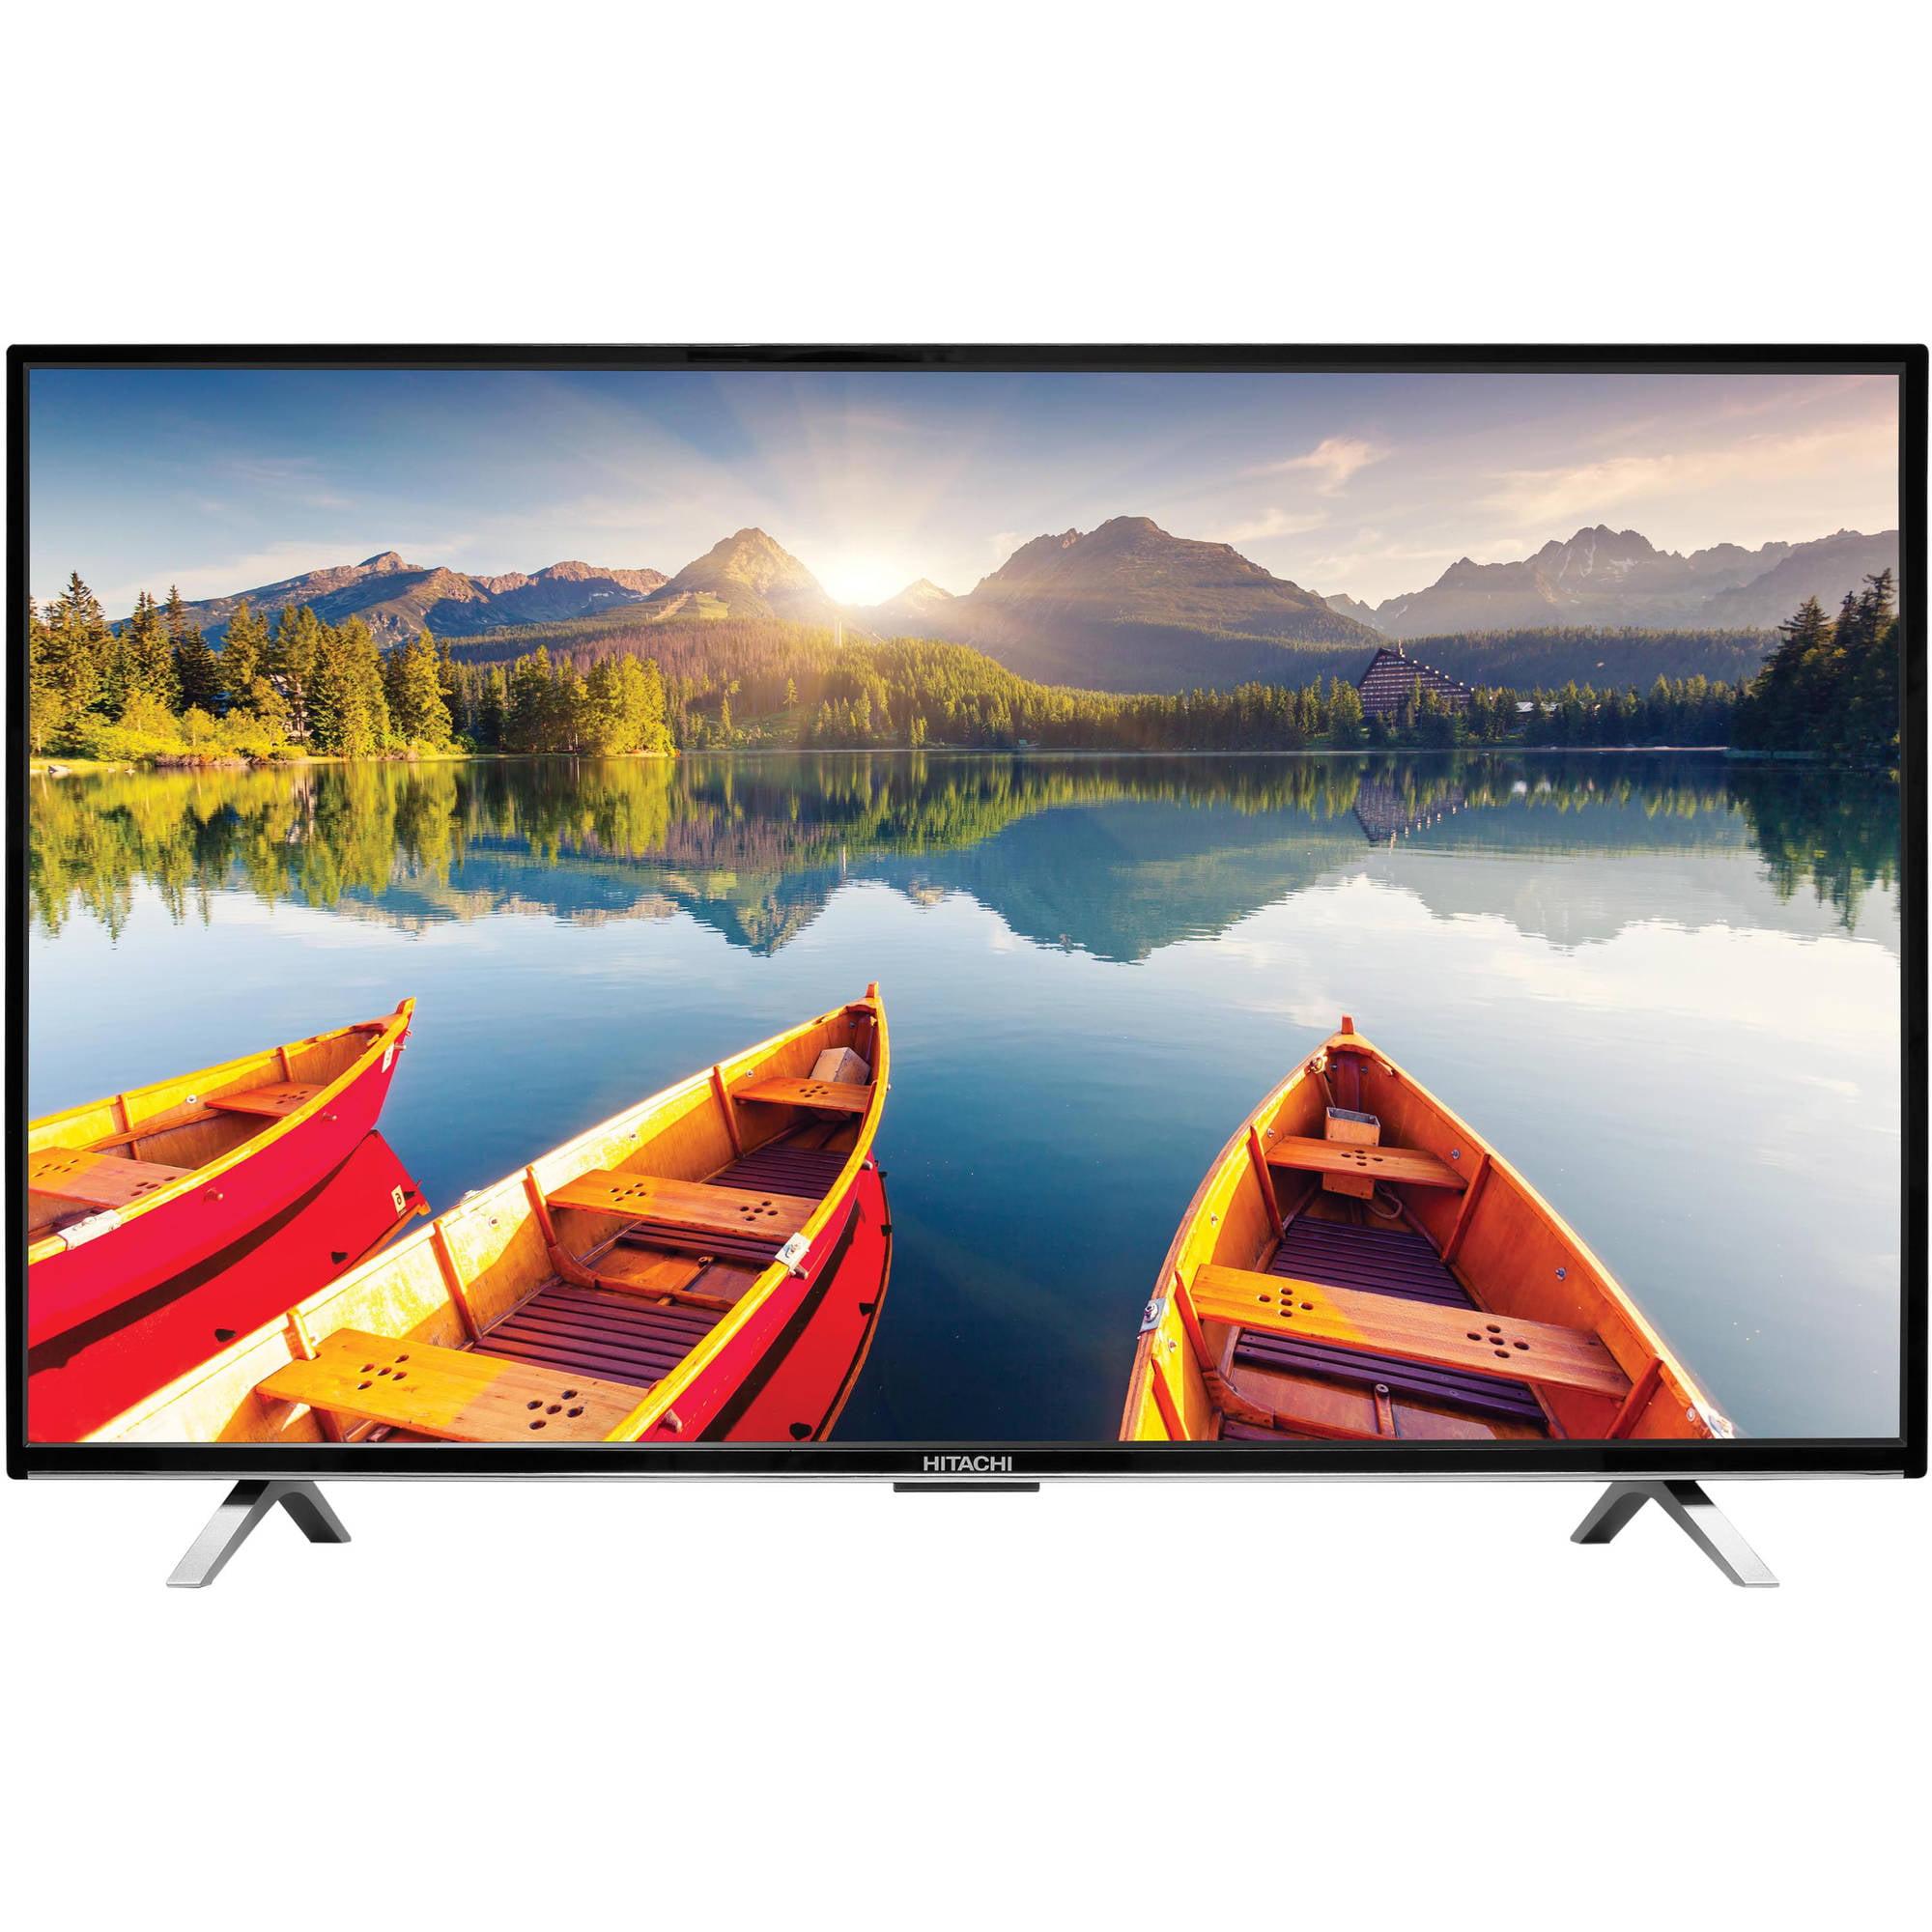 """Hitachi Alpha 32"""" Class HD (720p) LED Smart TV (LE32M4S9) by Hitachi"""